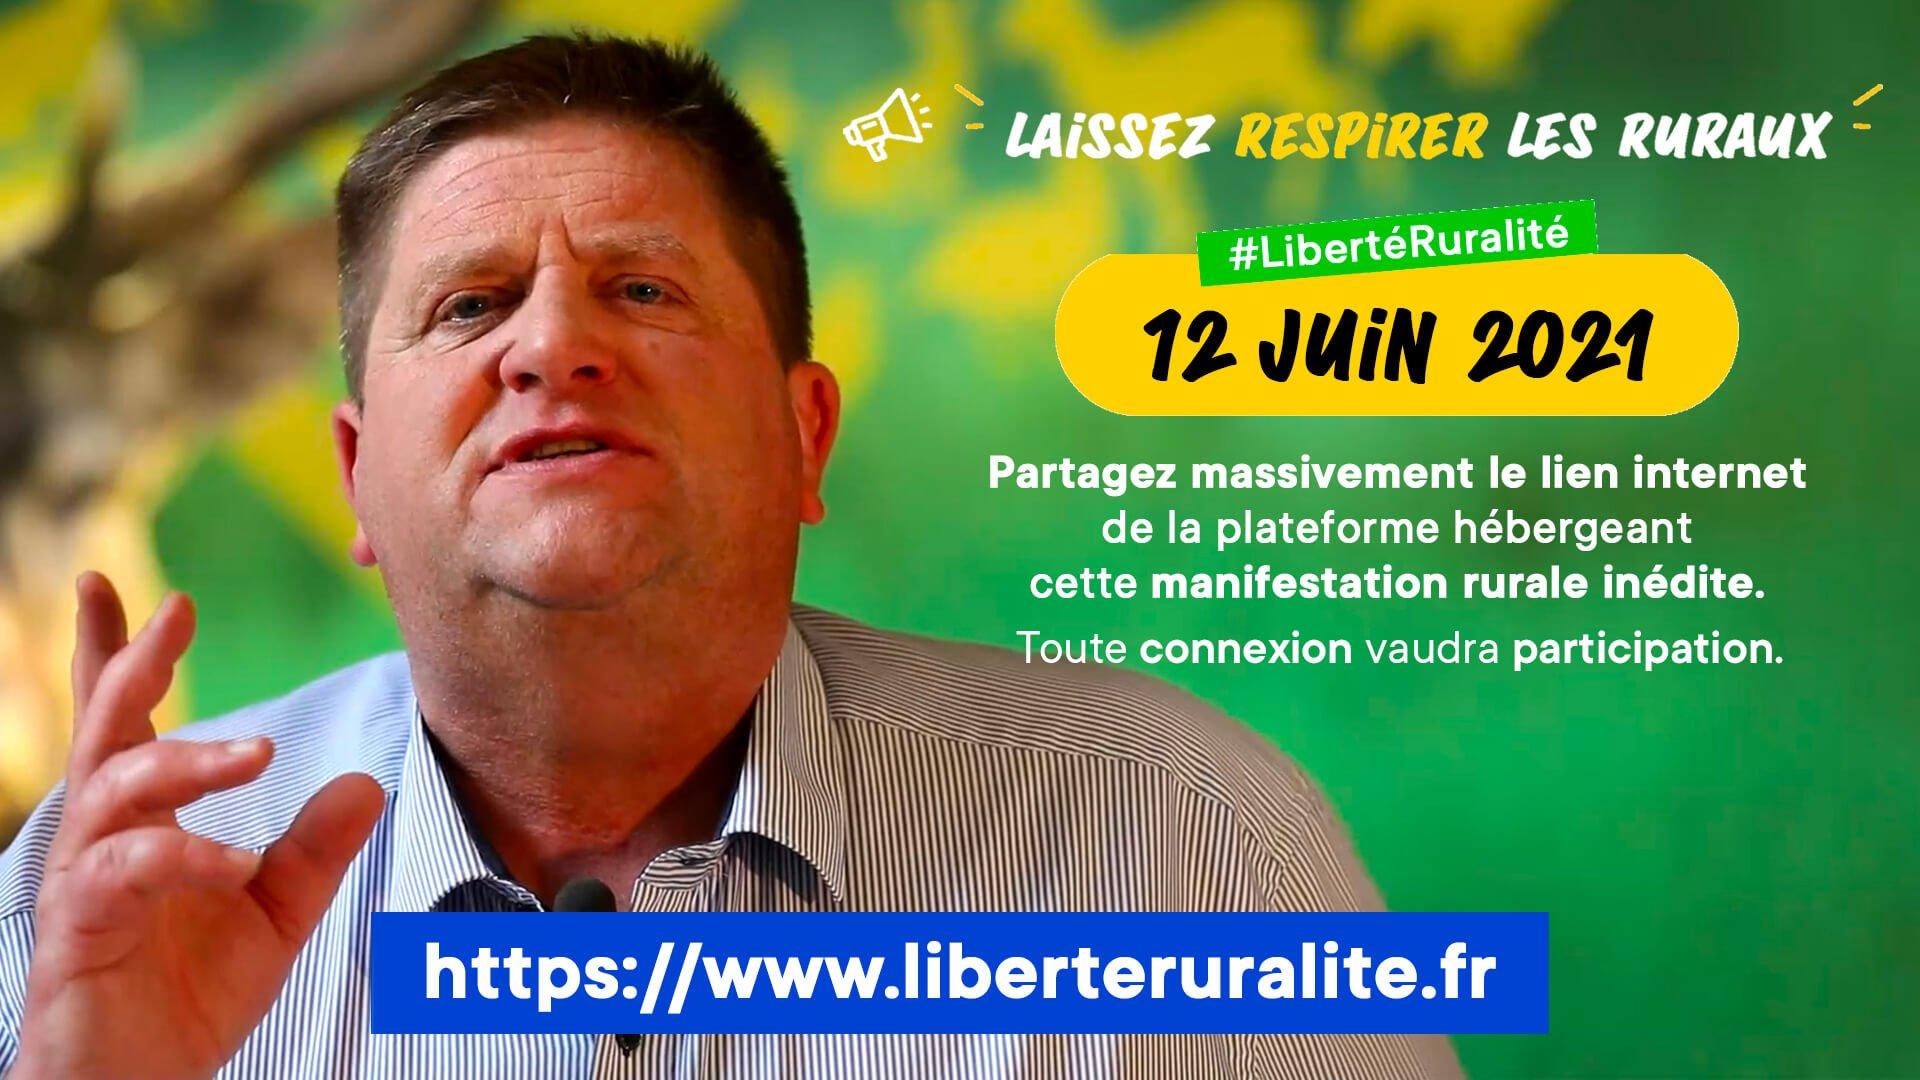 Samedi 12 juin : 1ère manifestation virtuelle pour la défense de la ruralité